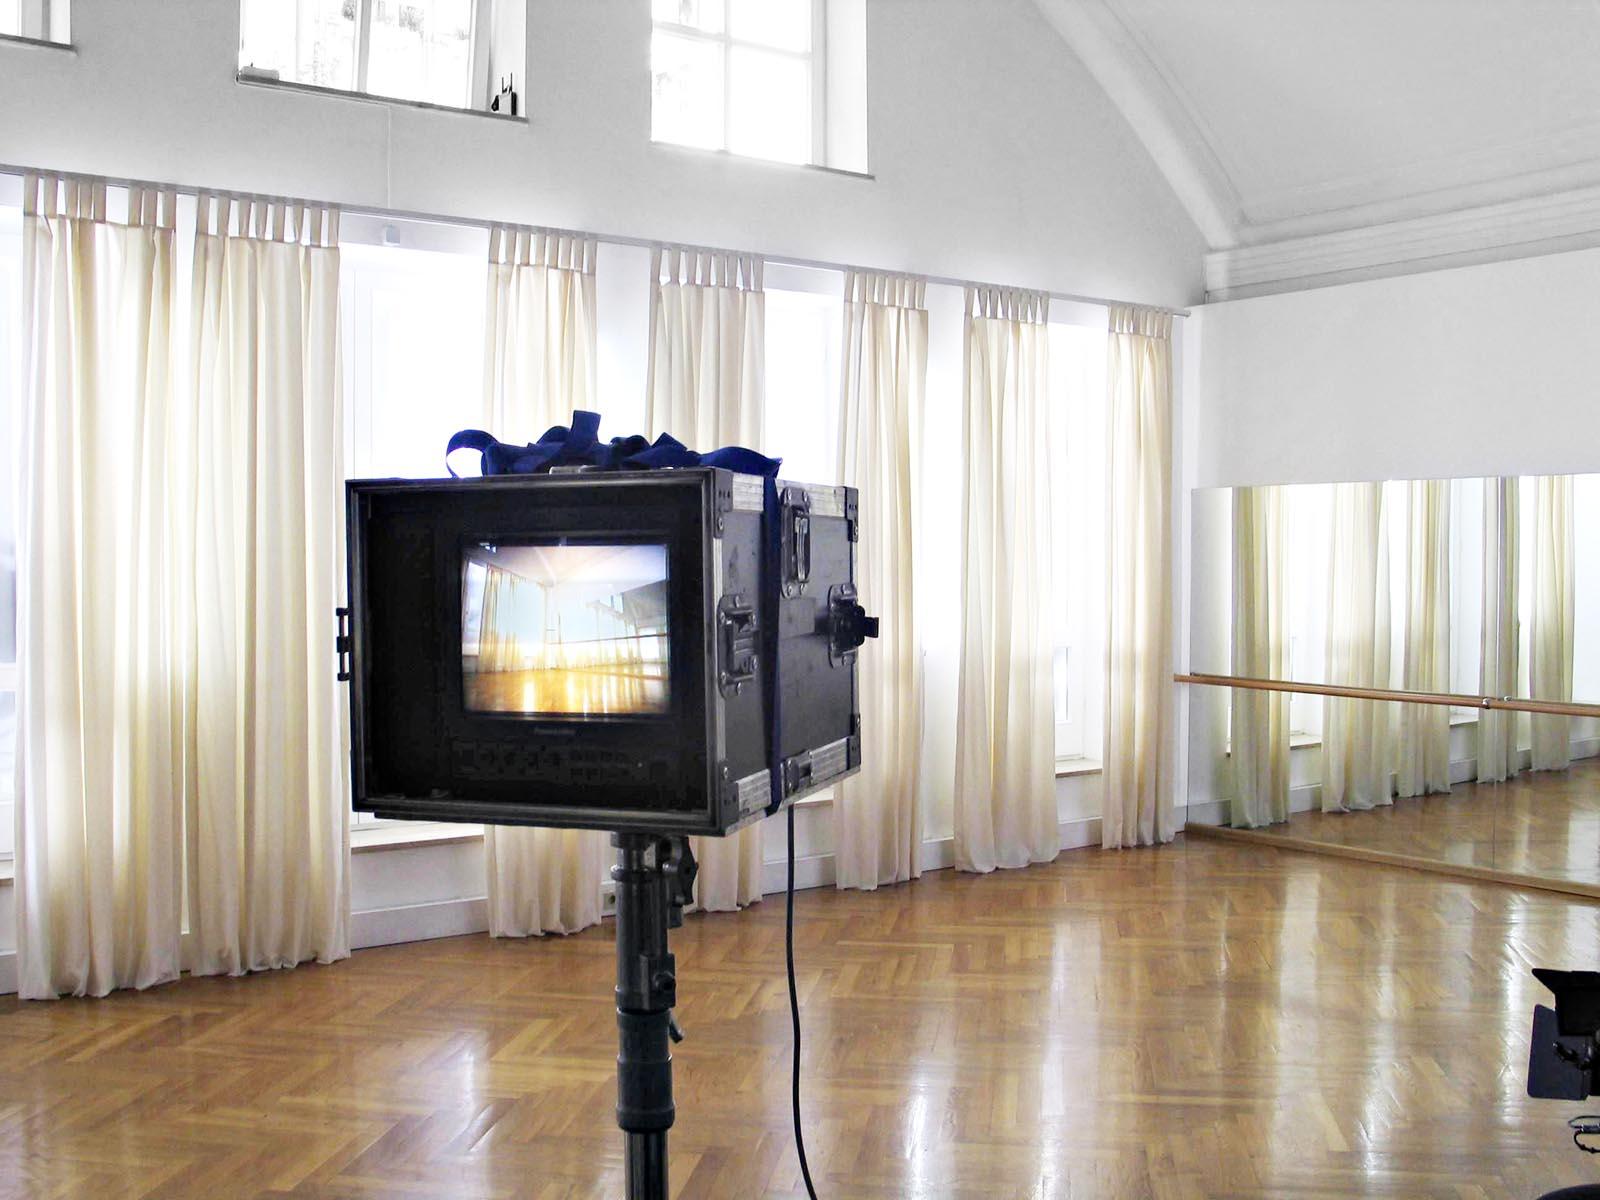 filmlocation  isartalstudio |   sehr ruhig, o-ton-tauglich, 63 ampere strom, einfach licht vors fenster stellen ideal für filmproduktionen |  pdf download